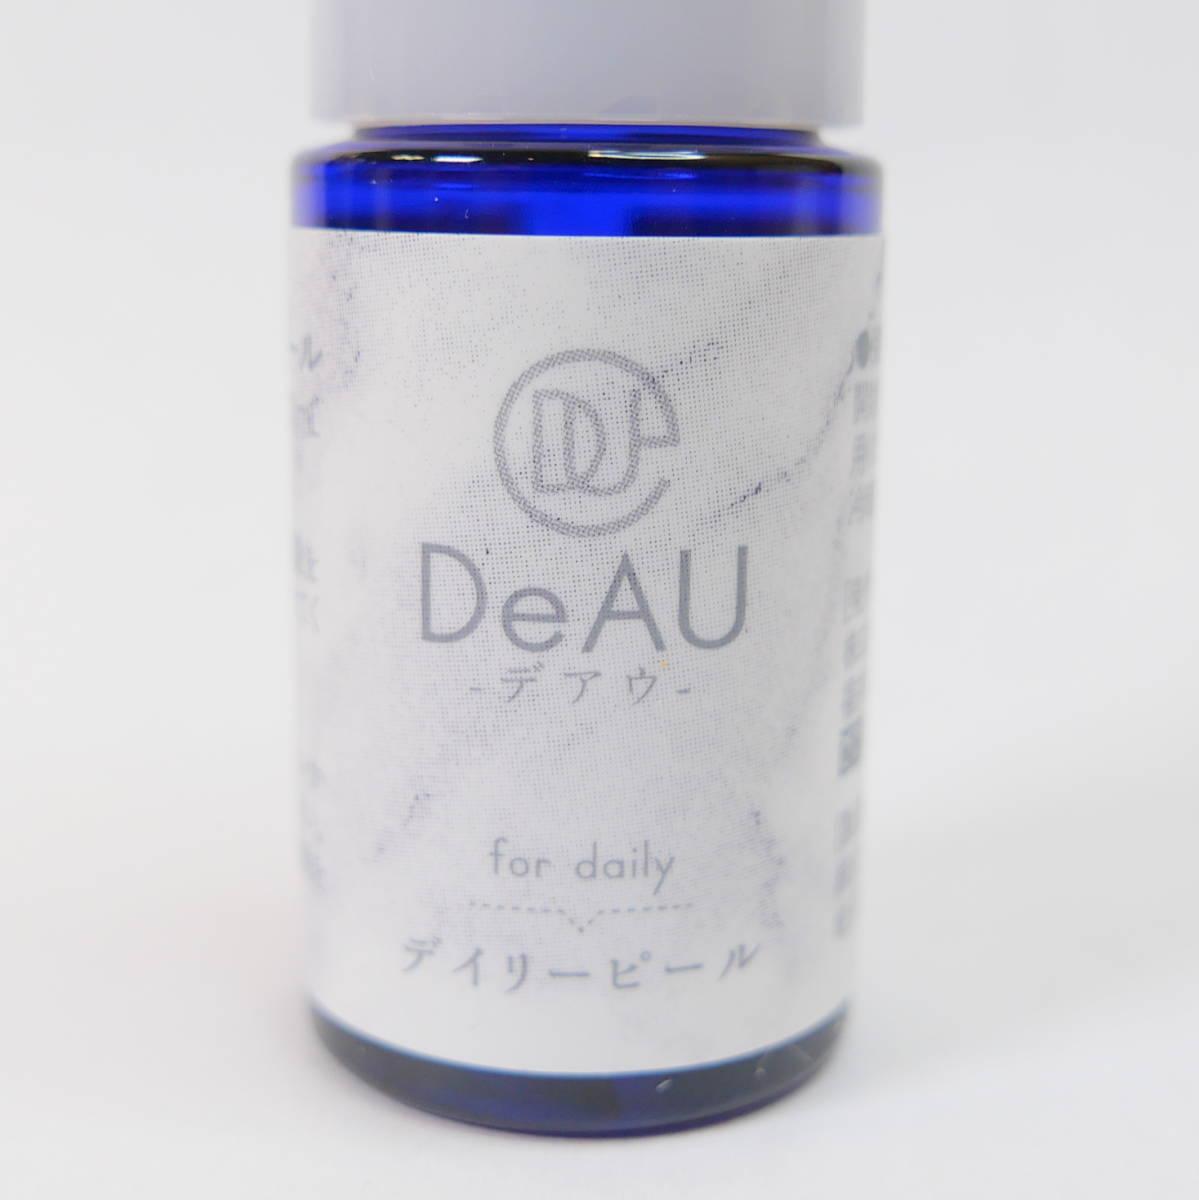 未使用品★DeAU デアウ デイリーピール 角質柔軟美容液 10ml_画像4